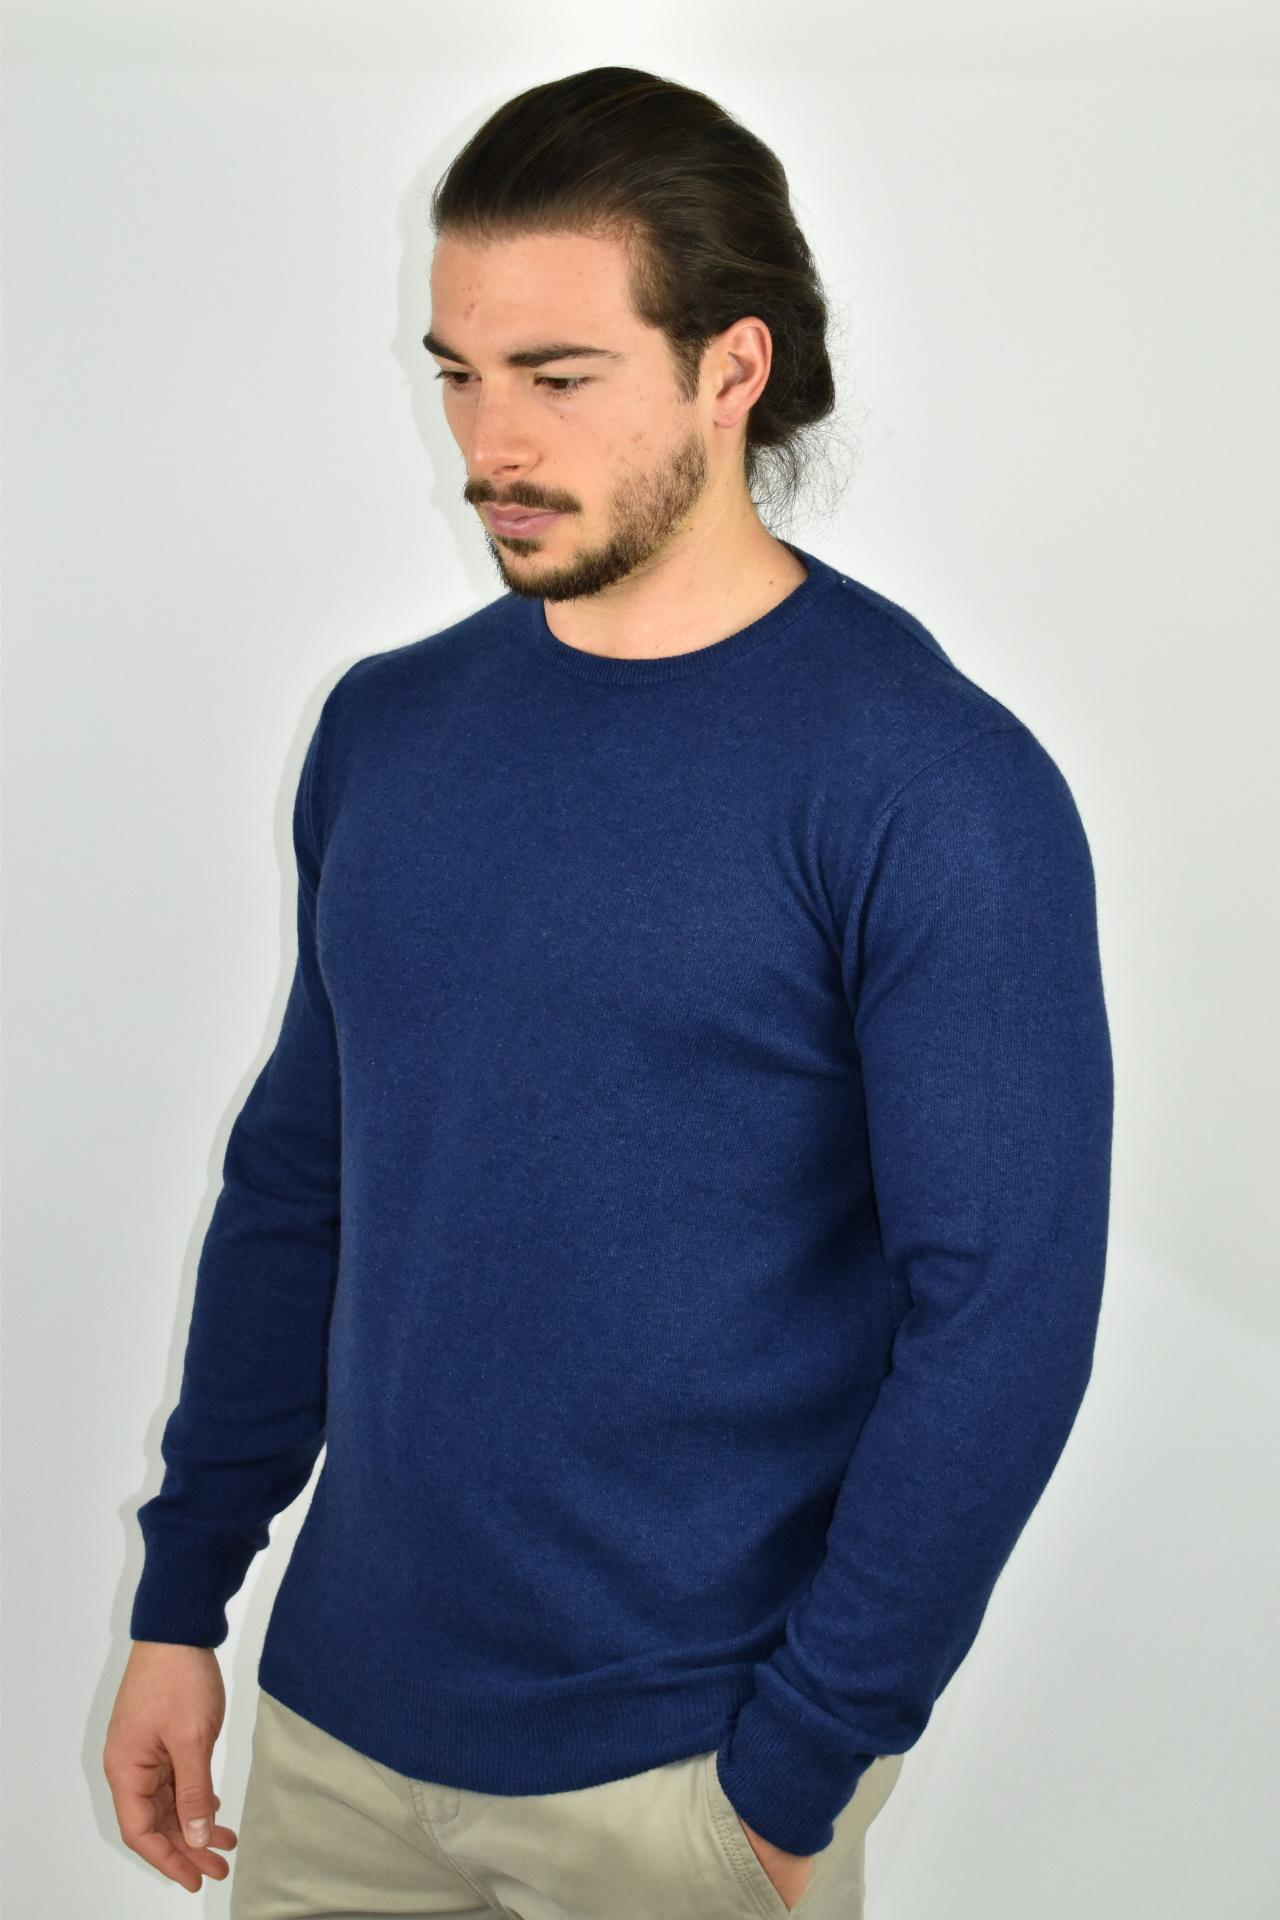 LAZZAROEMA BLU MAGLIA UOMO GIROCOLLO CASHMERE LANA MANICA LUNGA 3 1stAmerican maglia girocollo in lana e cashmere da uomo manica lunga - regular fit